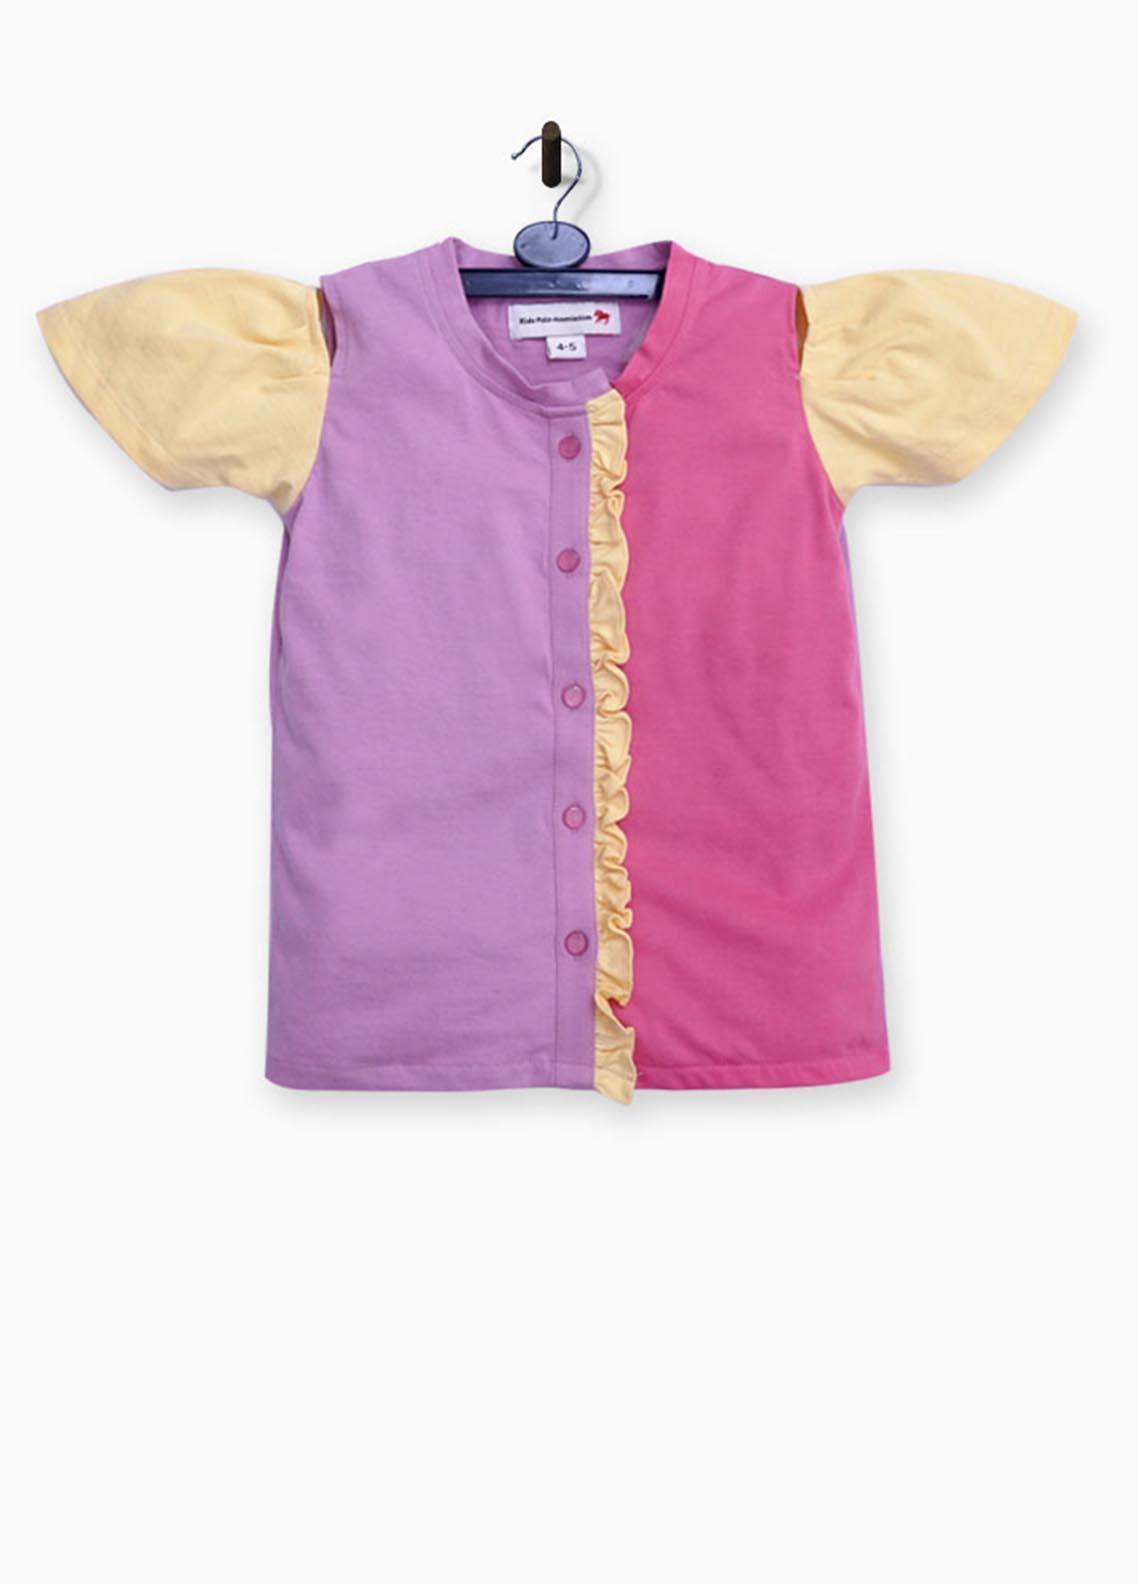 Kids Polo Cotton Jersey Fancy Girls Shirts -  GJSK20205